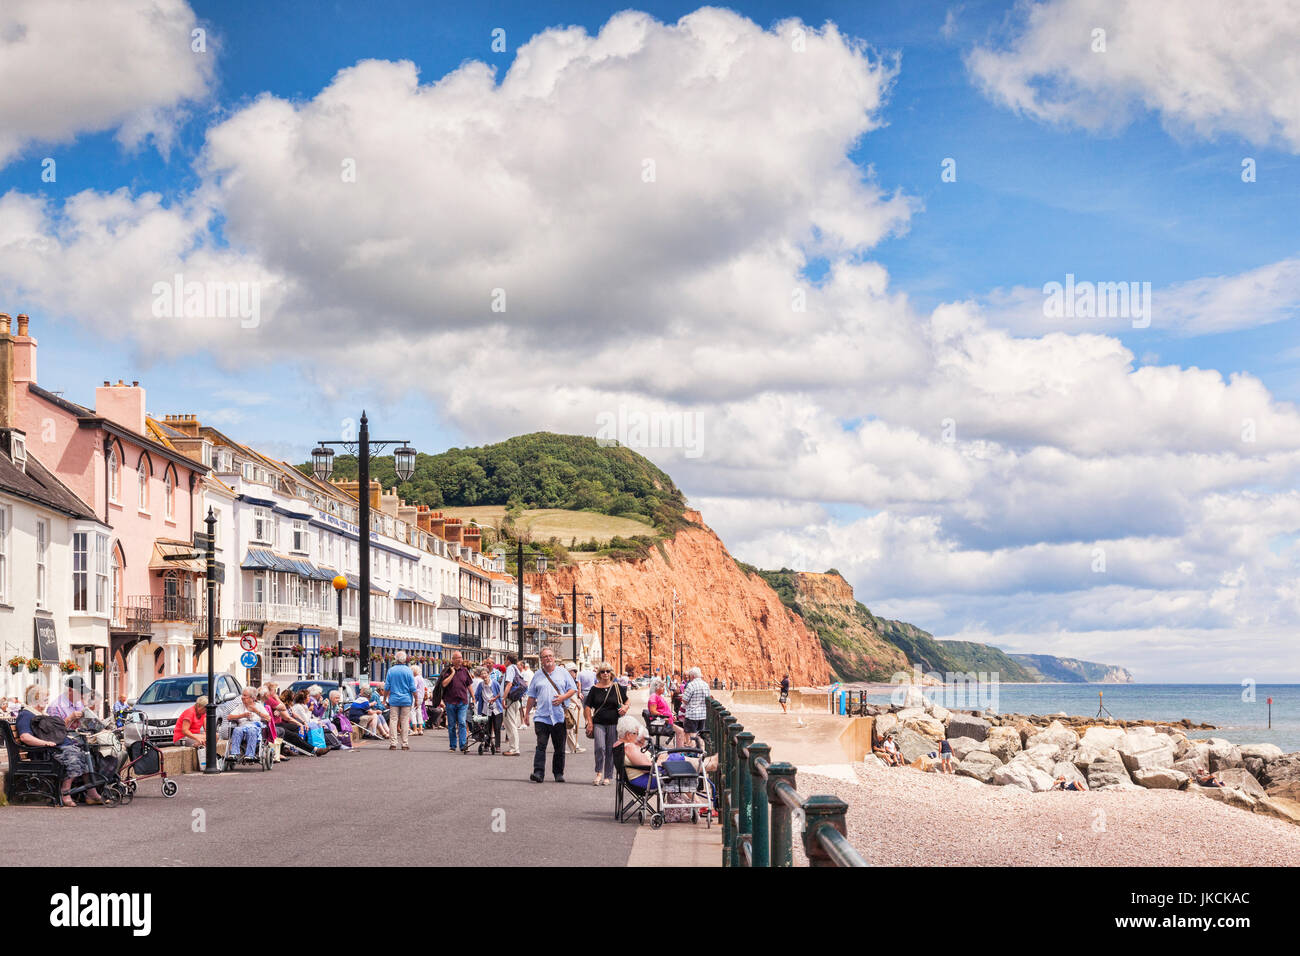 3 Juillet 2017: la ville de Sidmouth, Dorset, England, UK - les visiteurs à flâner sur la promenade Photo Stock